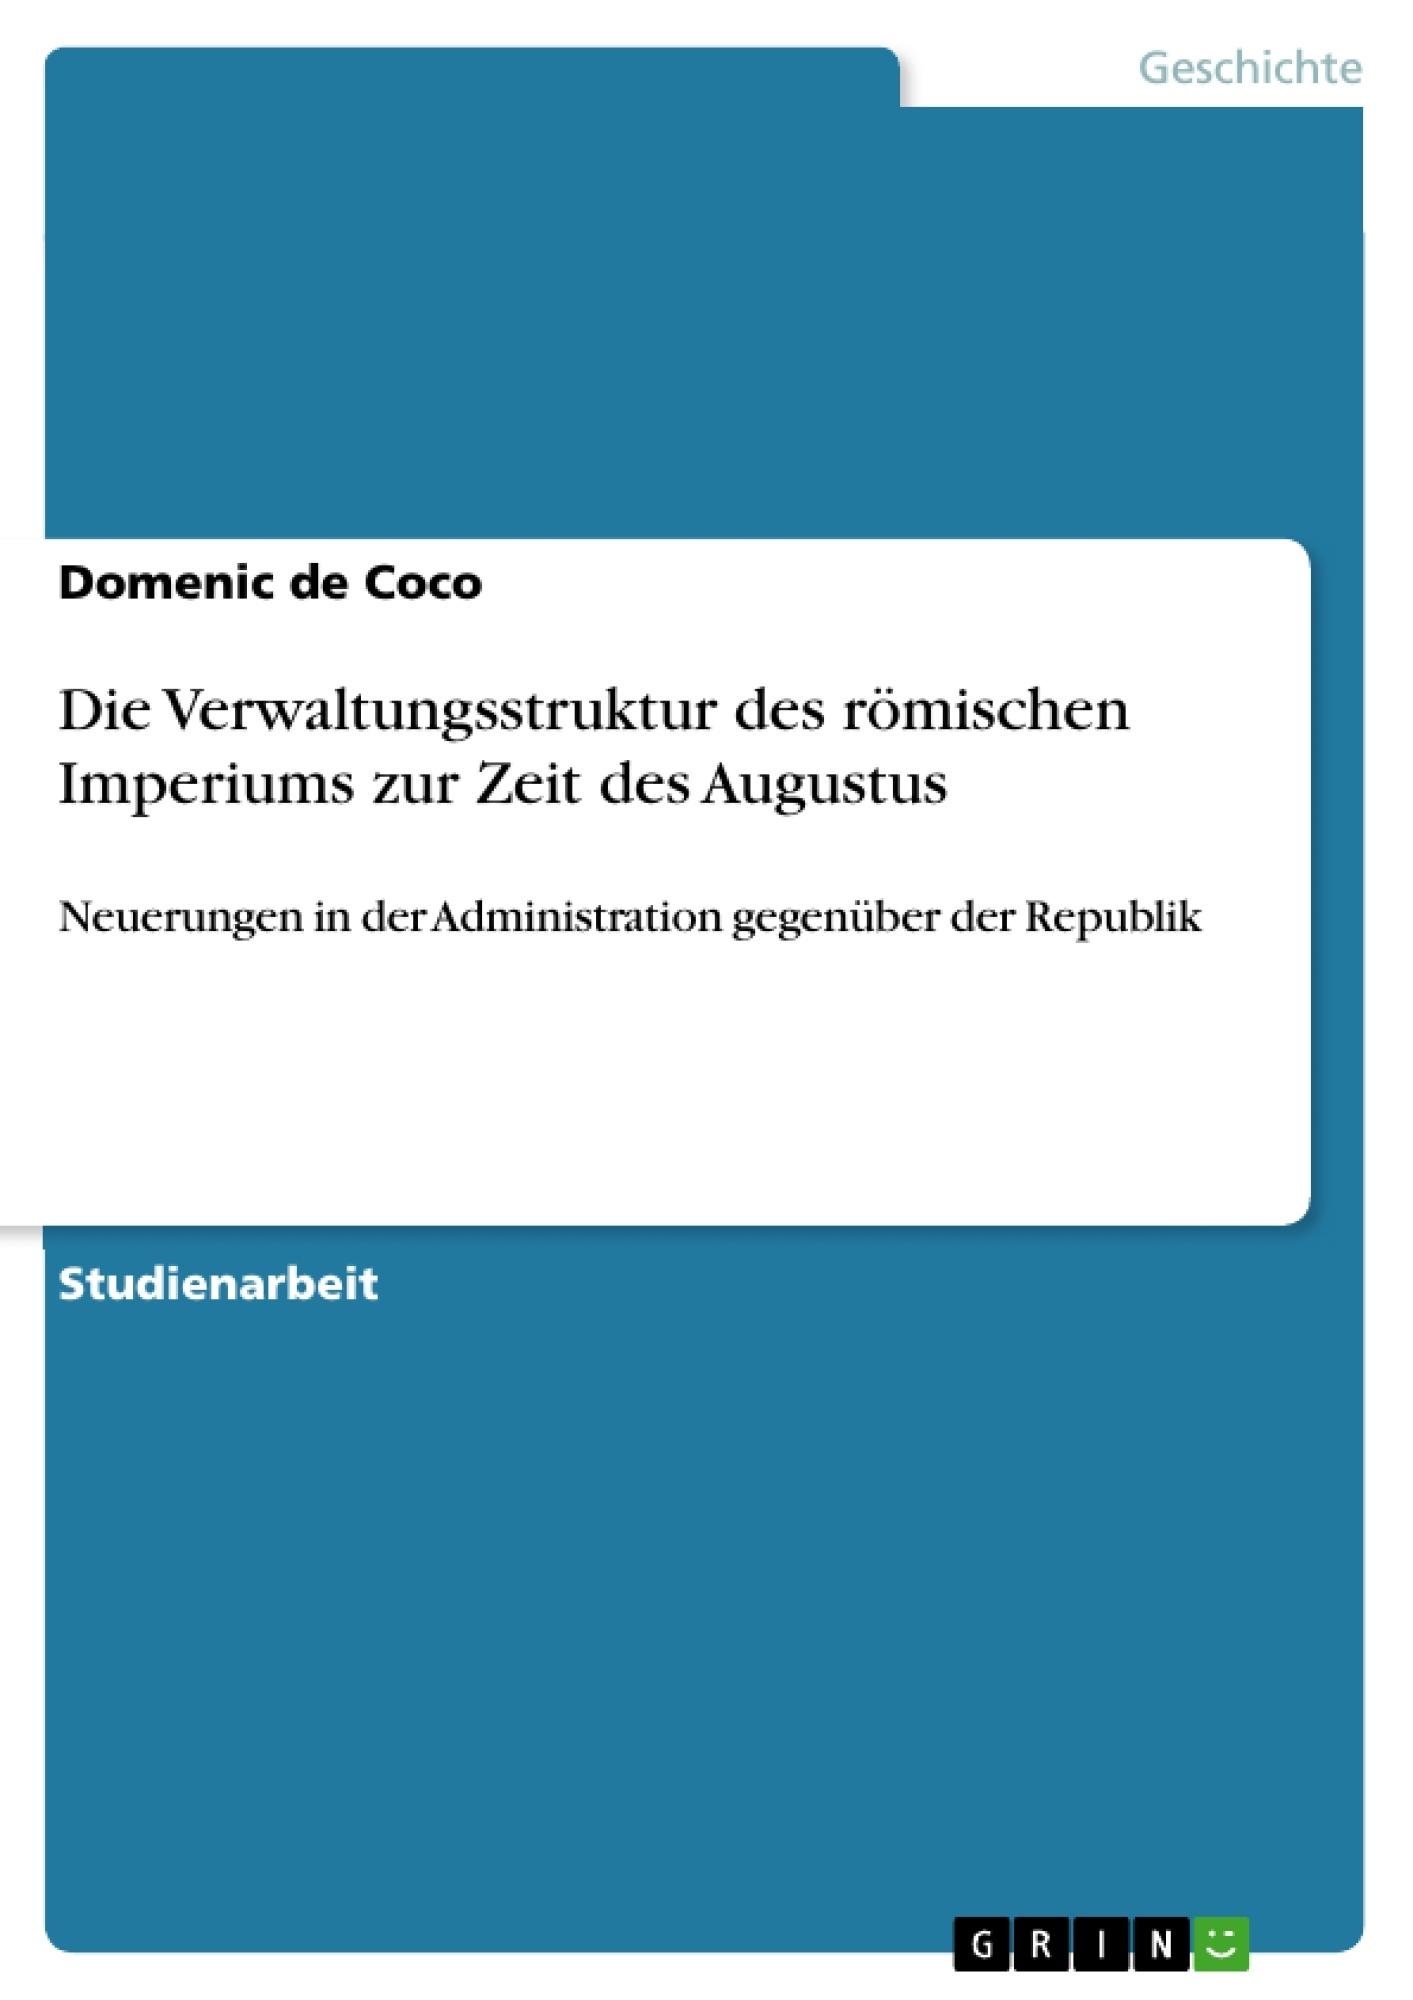 Titel: Die Verwaltungsstruktur des römischen Imperiums zur Zeit des Augustus